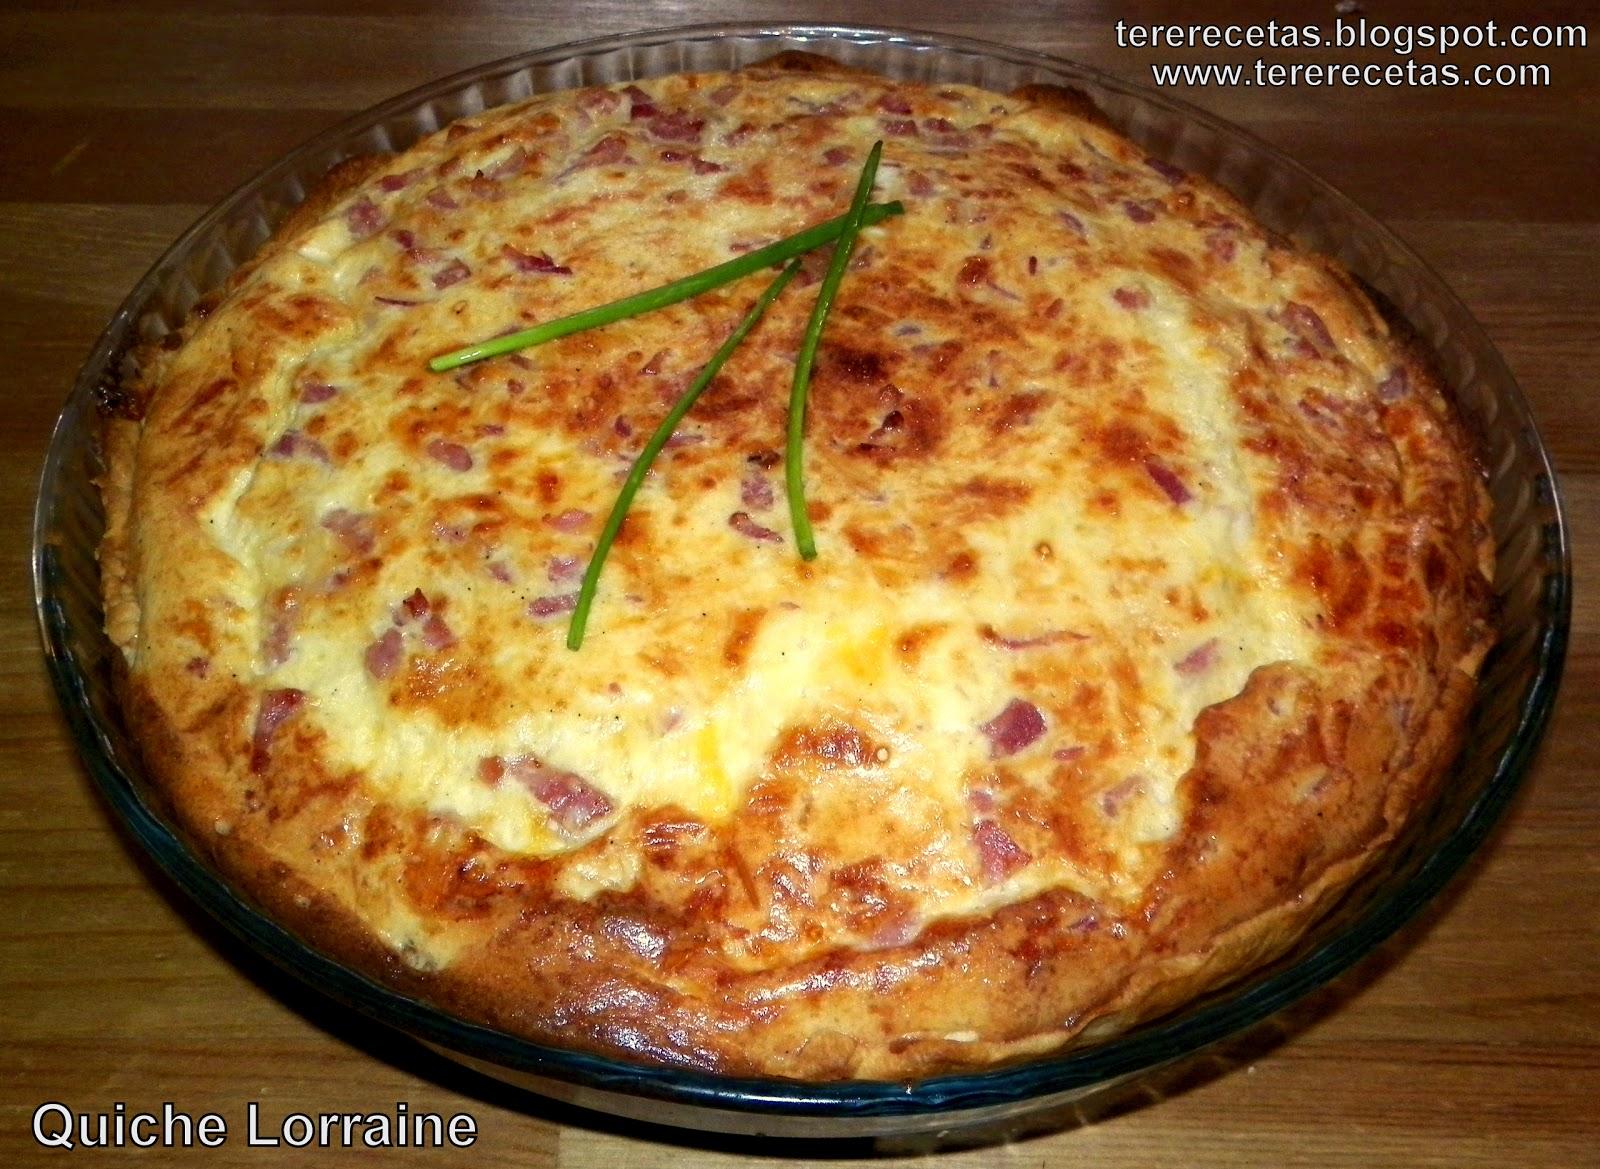 Quiche Lorraine  Blog Las recetas de Tere